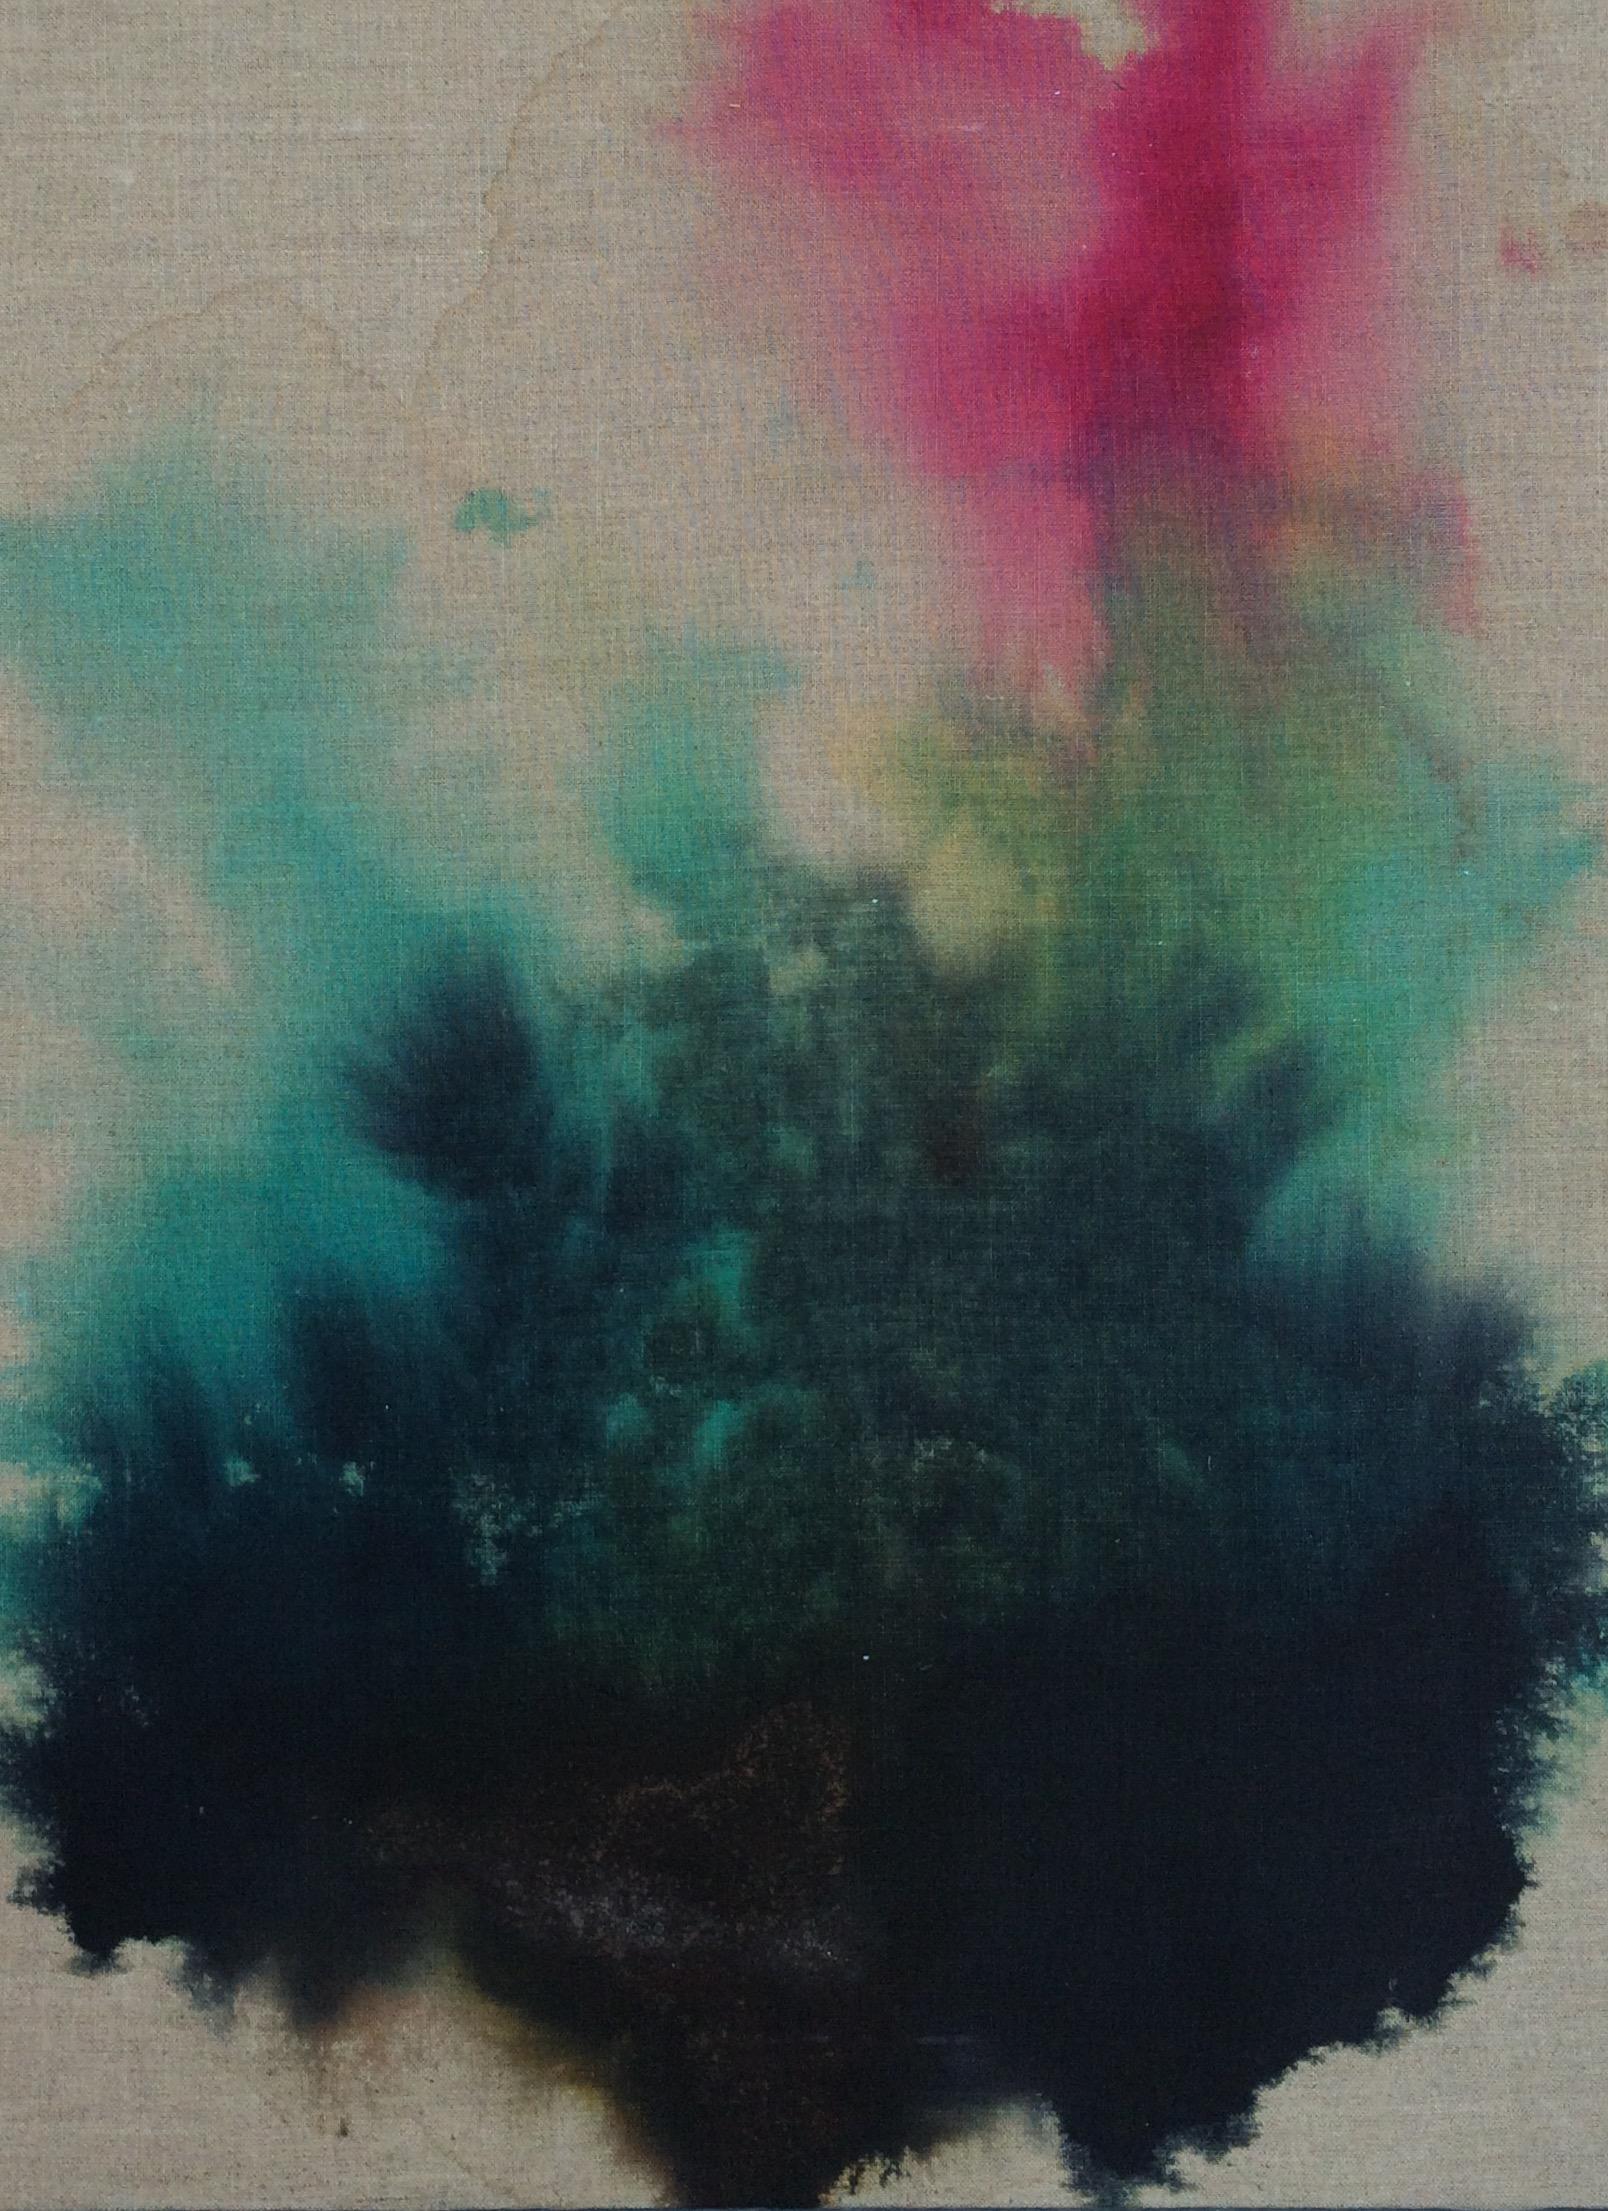 Dye on unprimed canvas 18X24 Buy $250 Rent $80 week